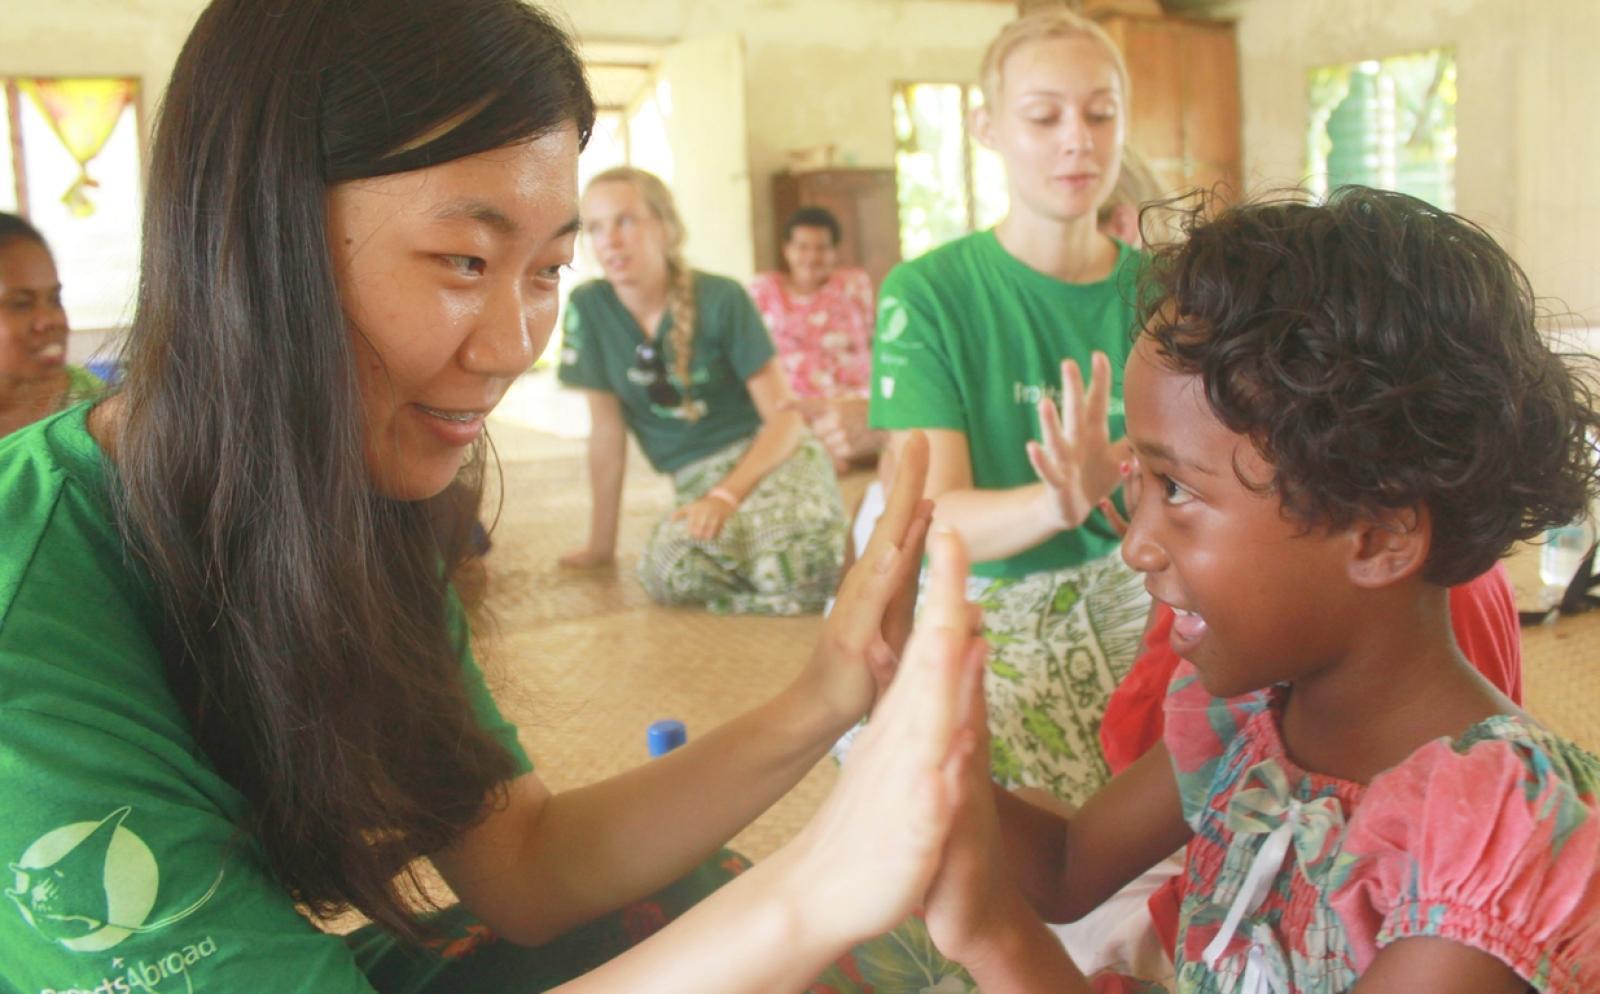 フィジーの子供と遊ぶ高校生チャイルドケアボランティア